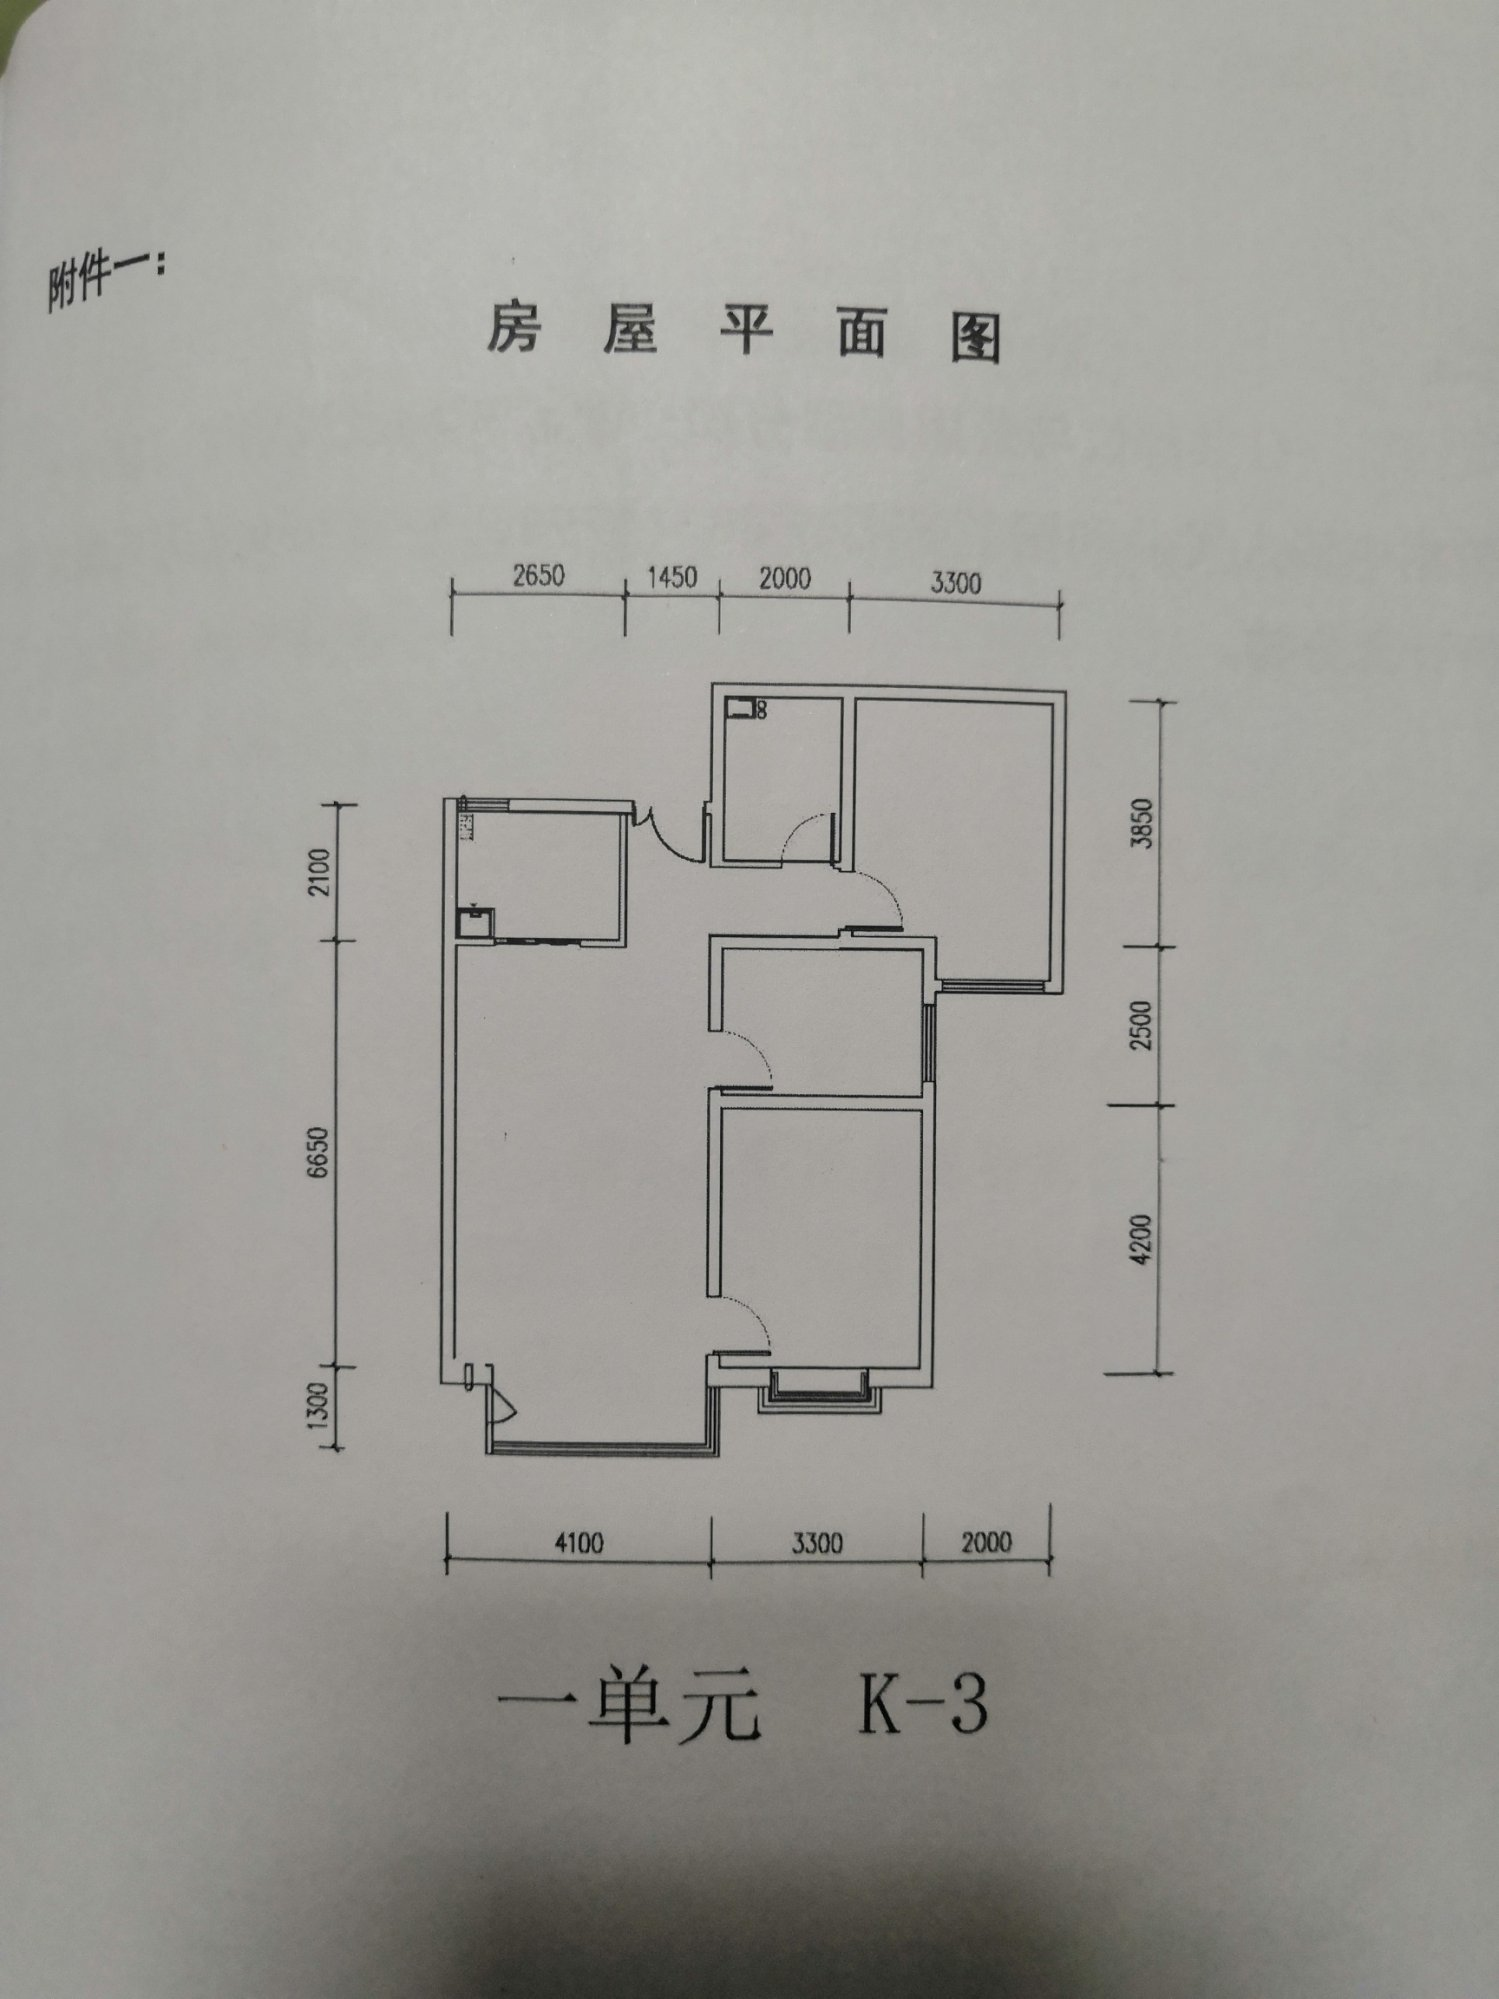 什么风格适合这个房子